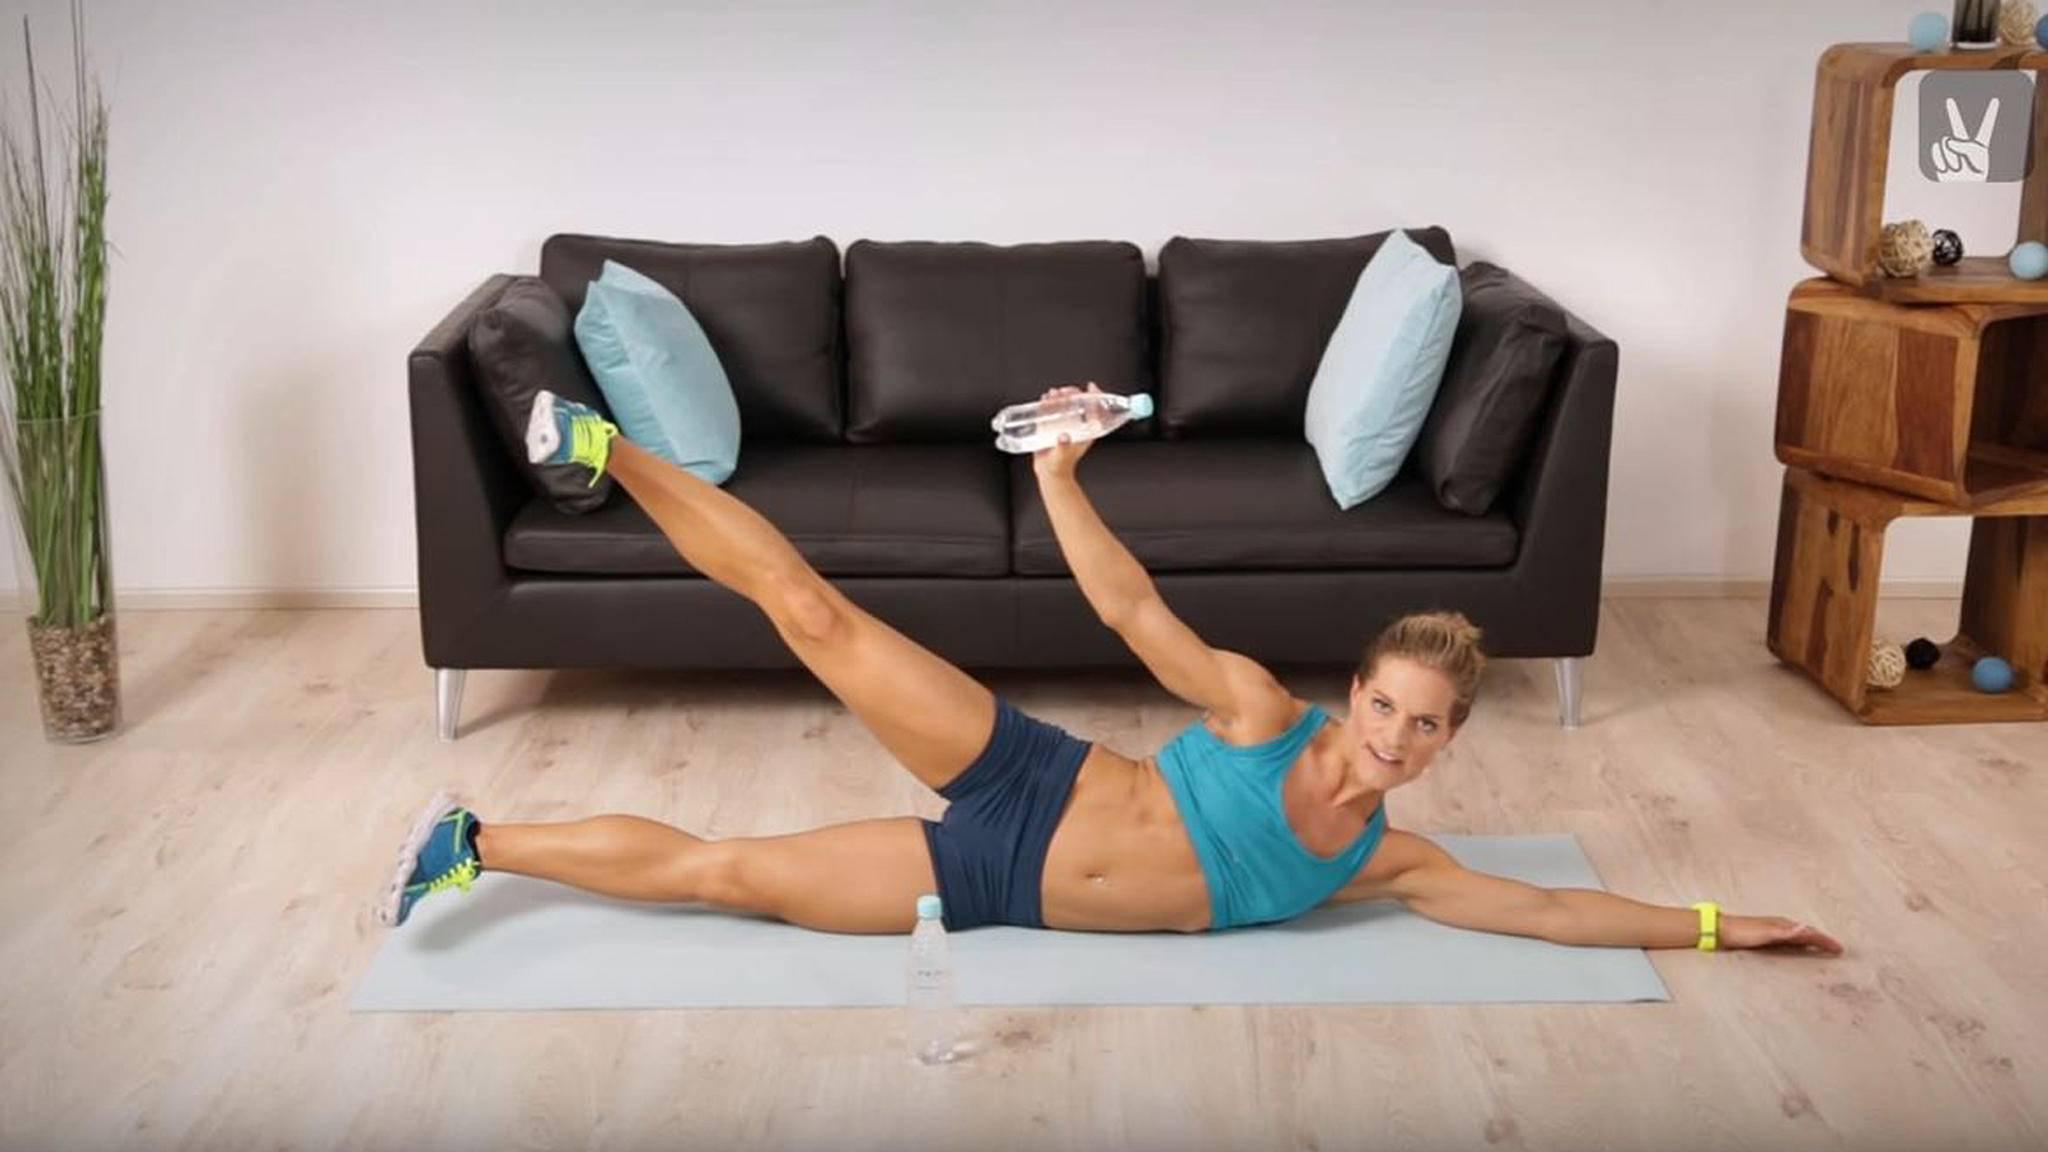 Mit dem richtigen YouTube-Kanal wird Dein Wohnzimmer zum Fitness-Studio.